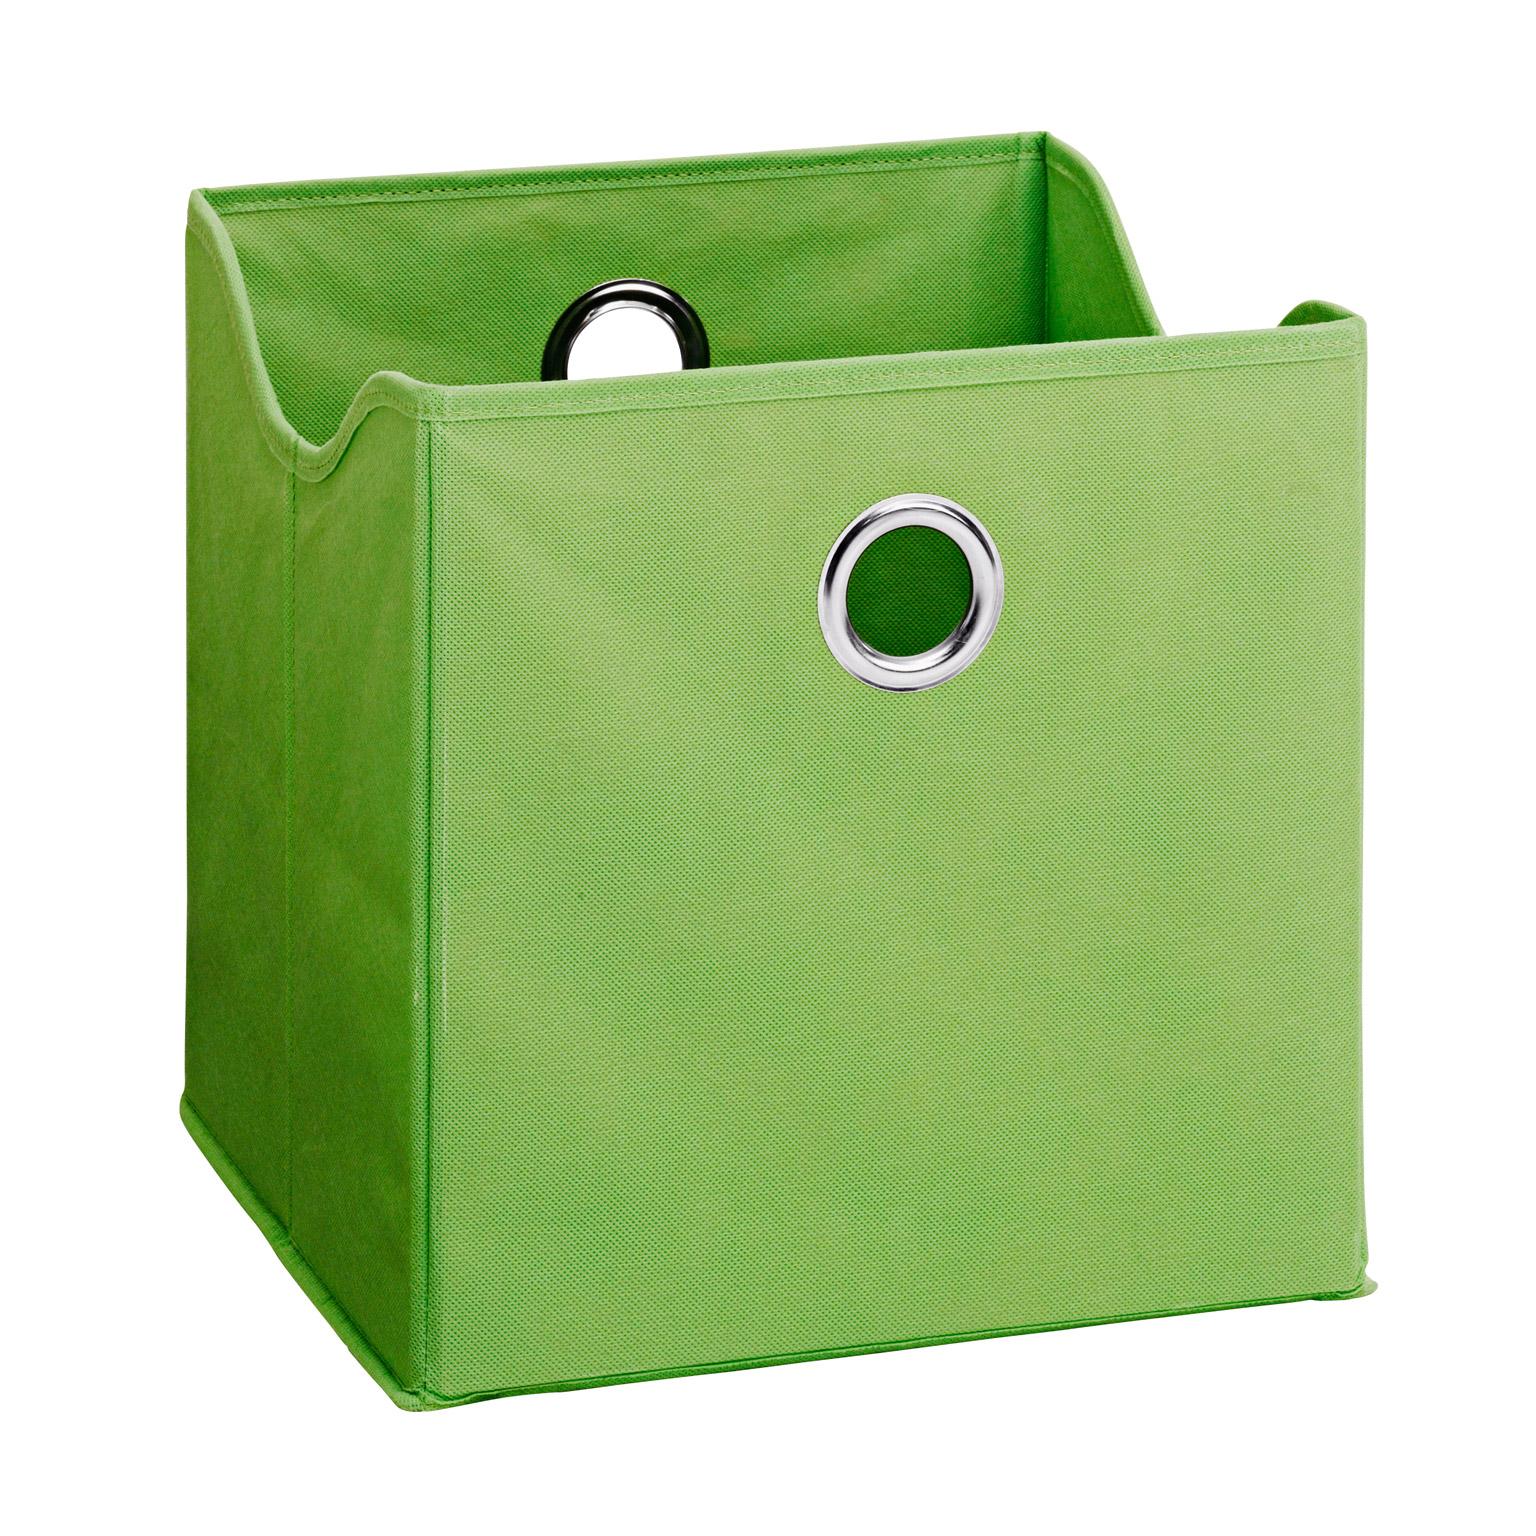 Box Combee (grün)